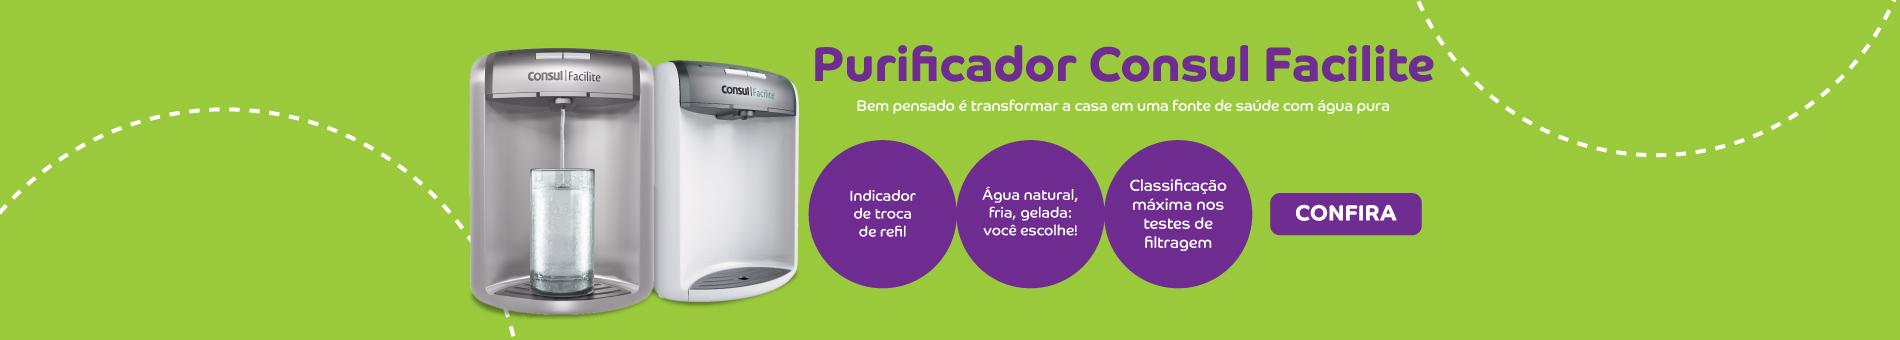 Promoção Interna - 1529 - consul_purificaor_22032017_home9 - purificaor - 9